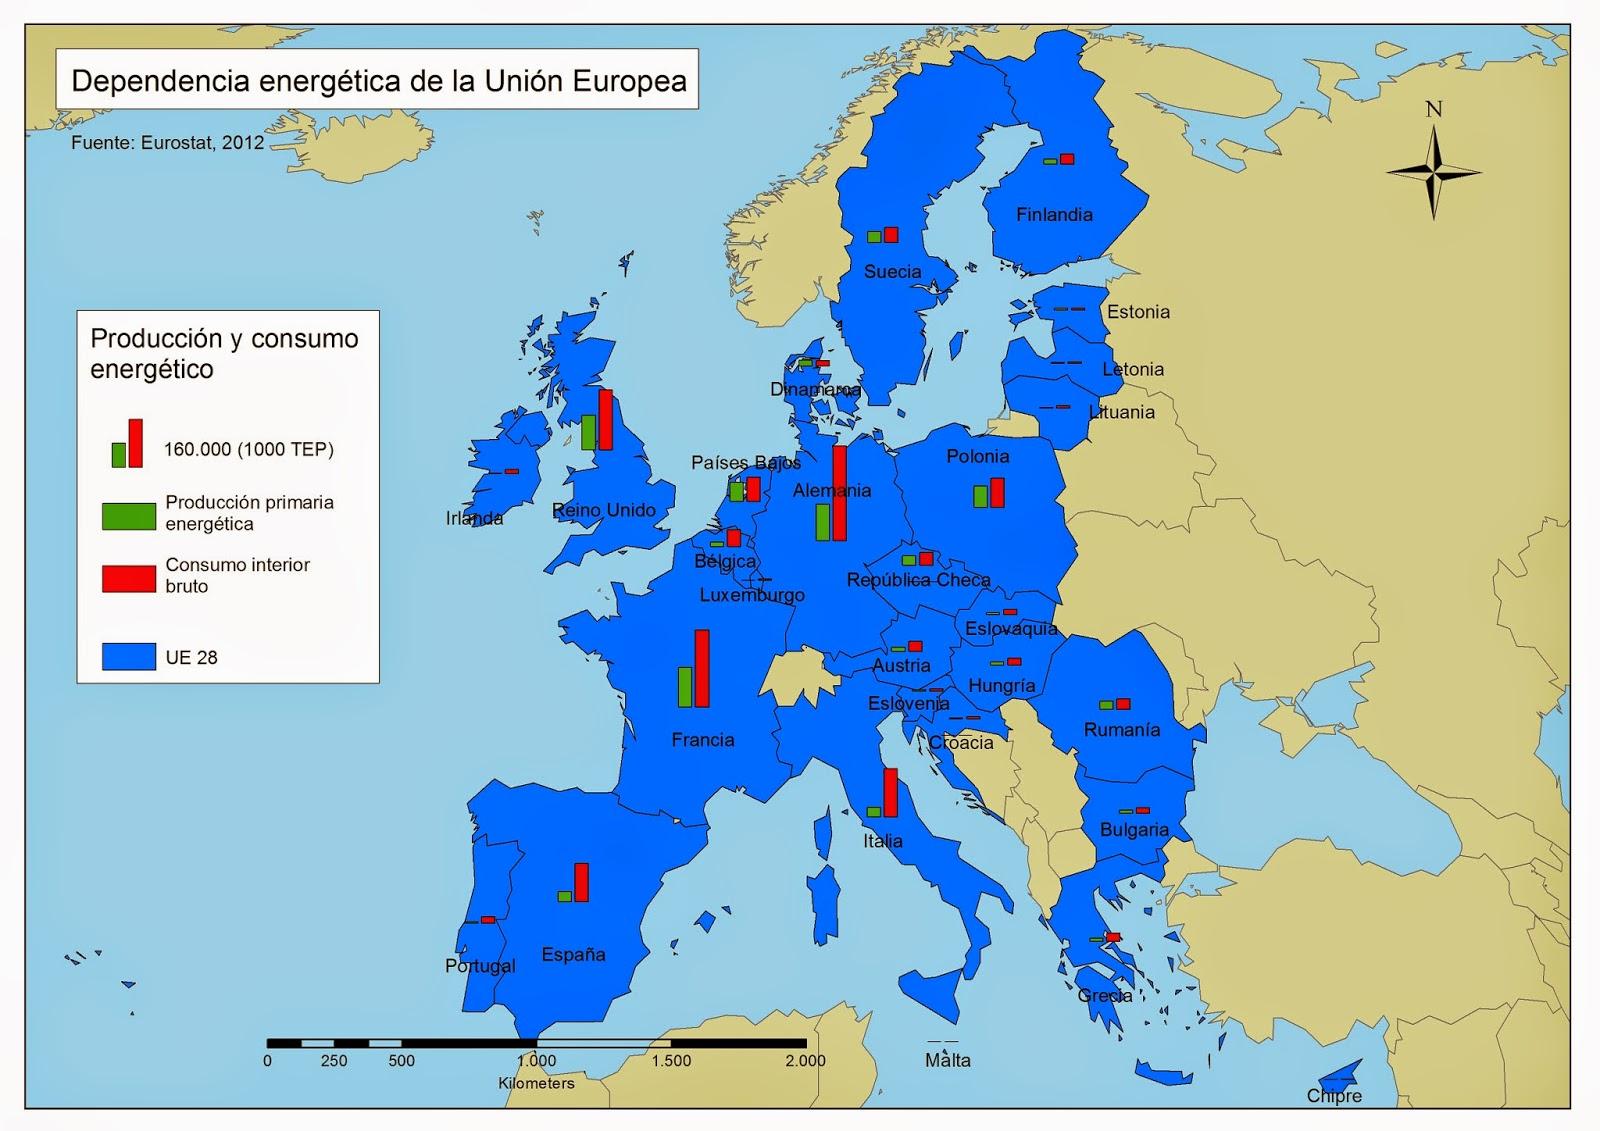 dependenciaenergetuicaeuropea